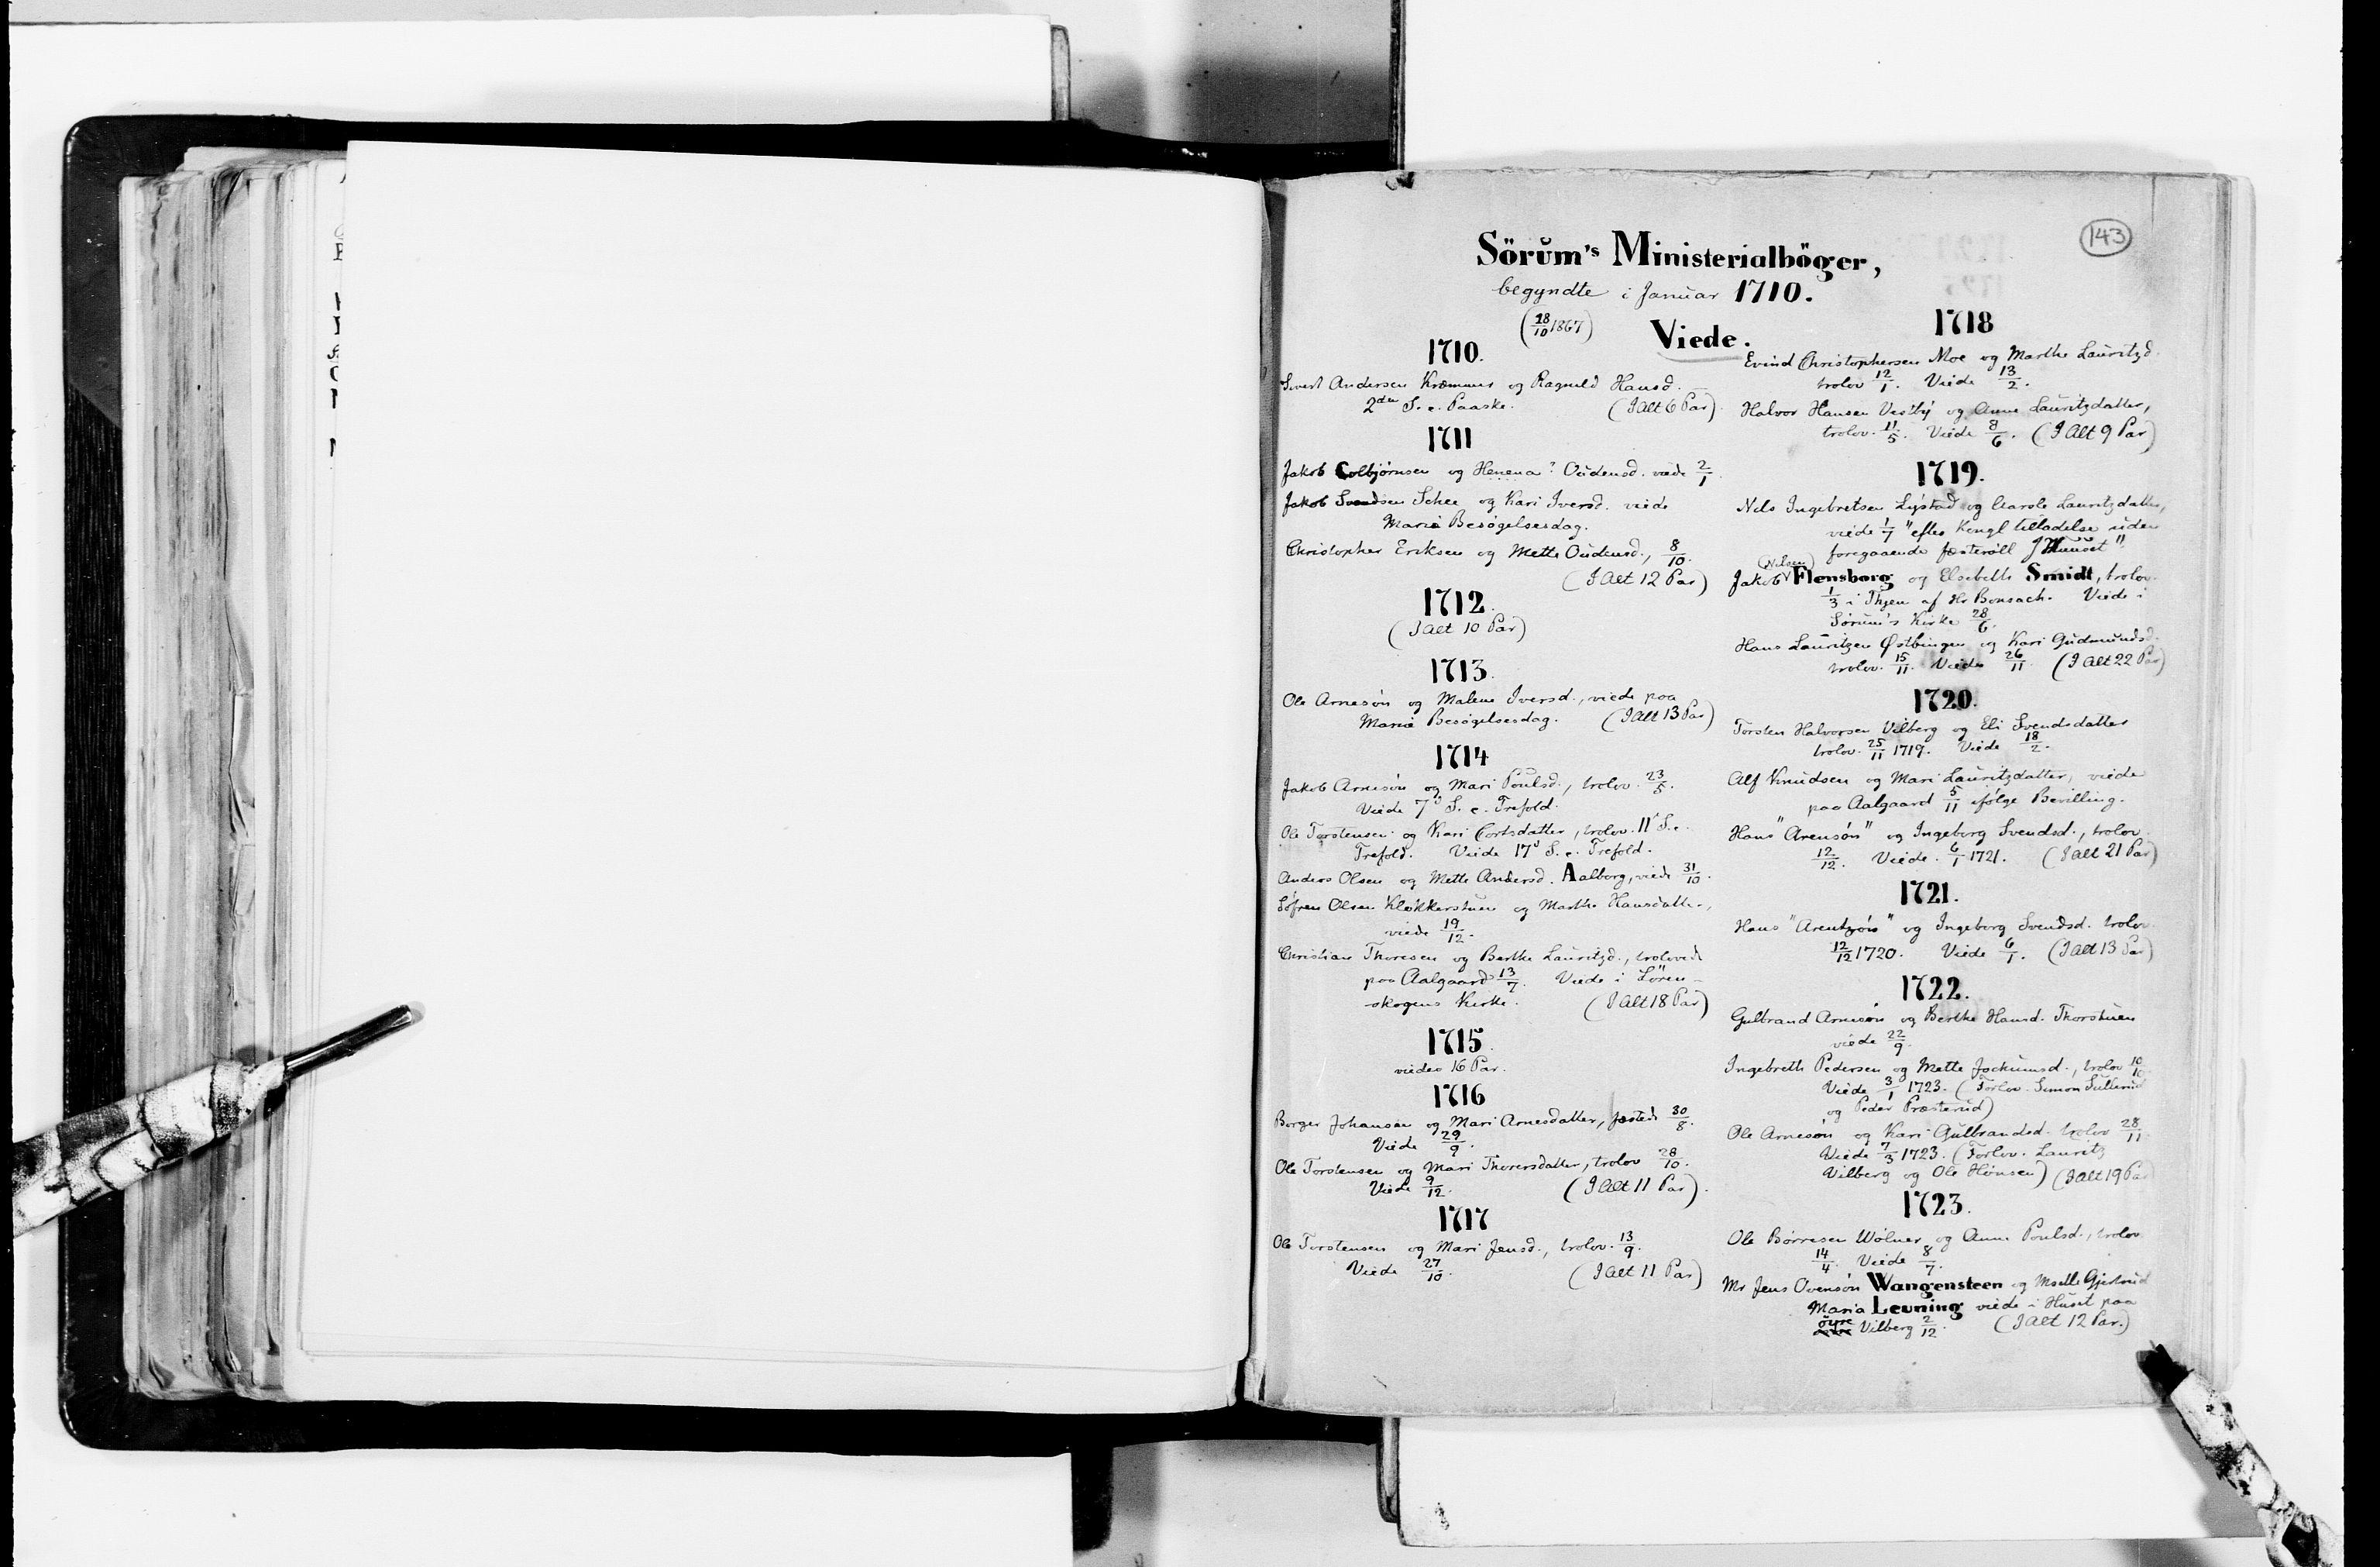 RA, Lassens samlinger, F/Fc, s. 143